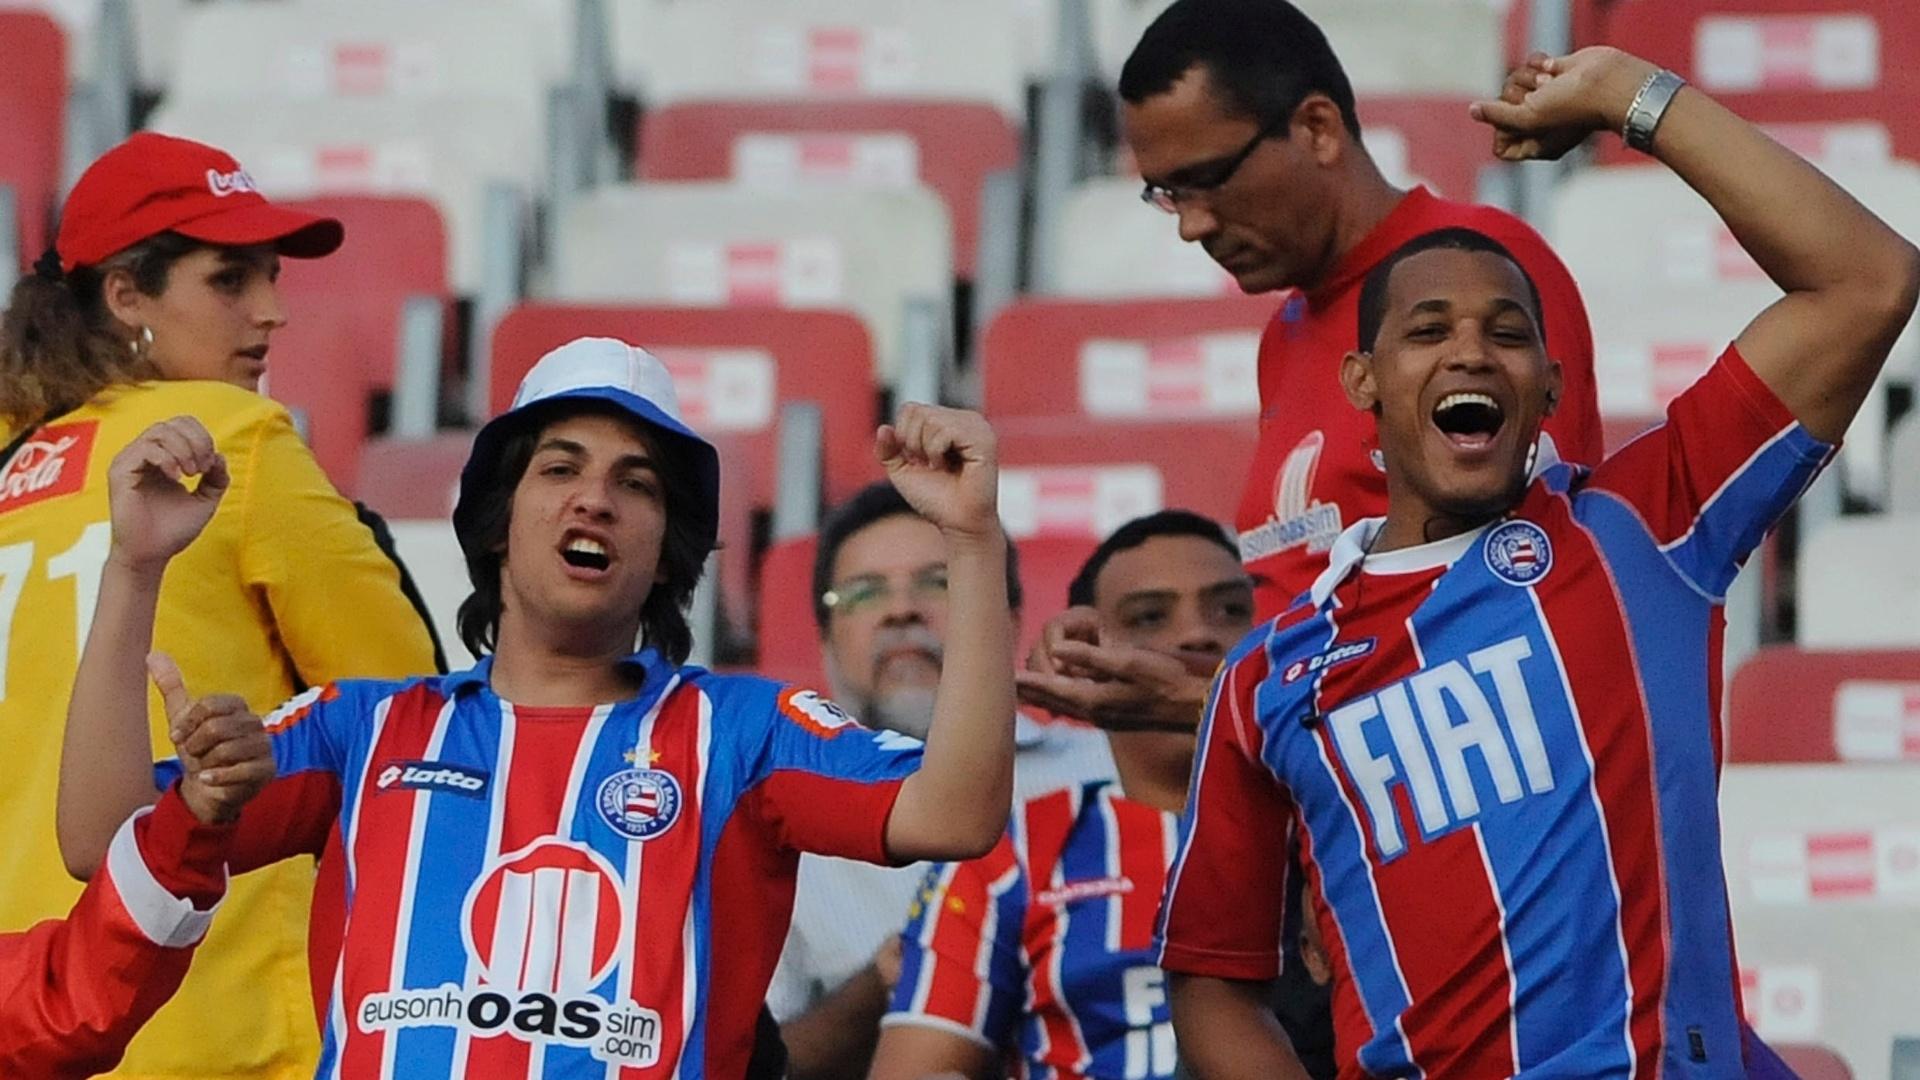 Torcida do Bahia comparece ao Beira-Rio para prestigiar o jogo contra o Internacional